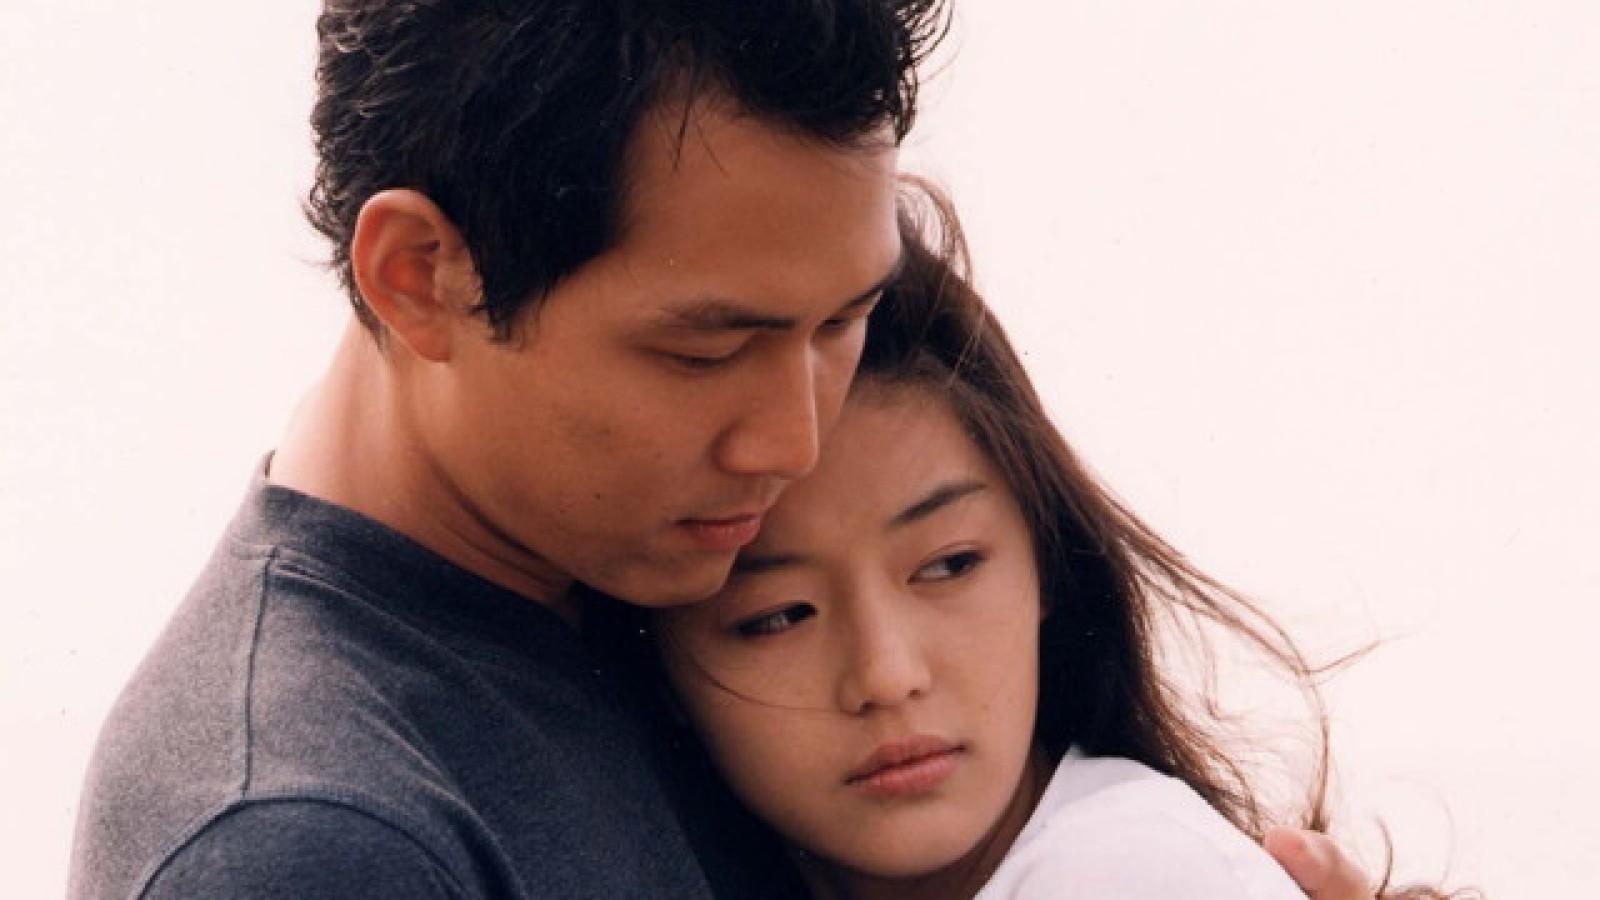 Đắm mình trong vị yêu qua 7 phim điện ảnh Hàn Quốc nhân ngày lễ Tình Nhân - Ảnh 2.